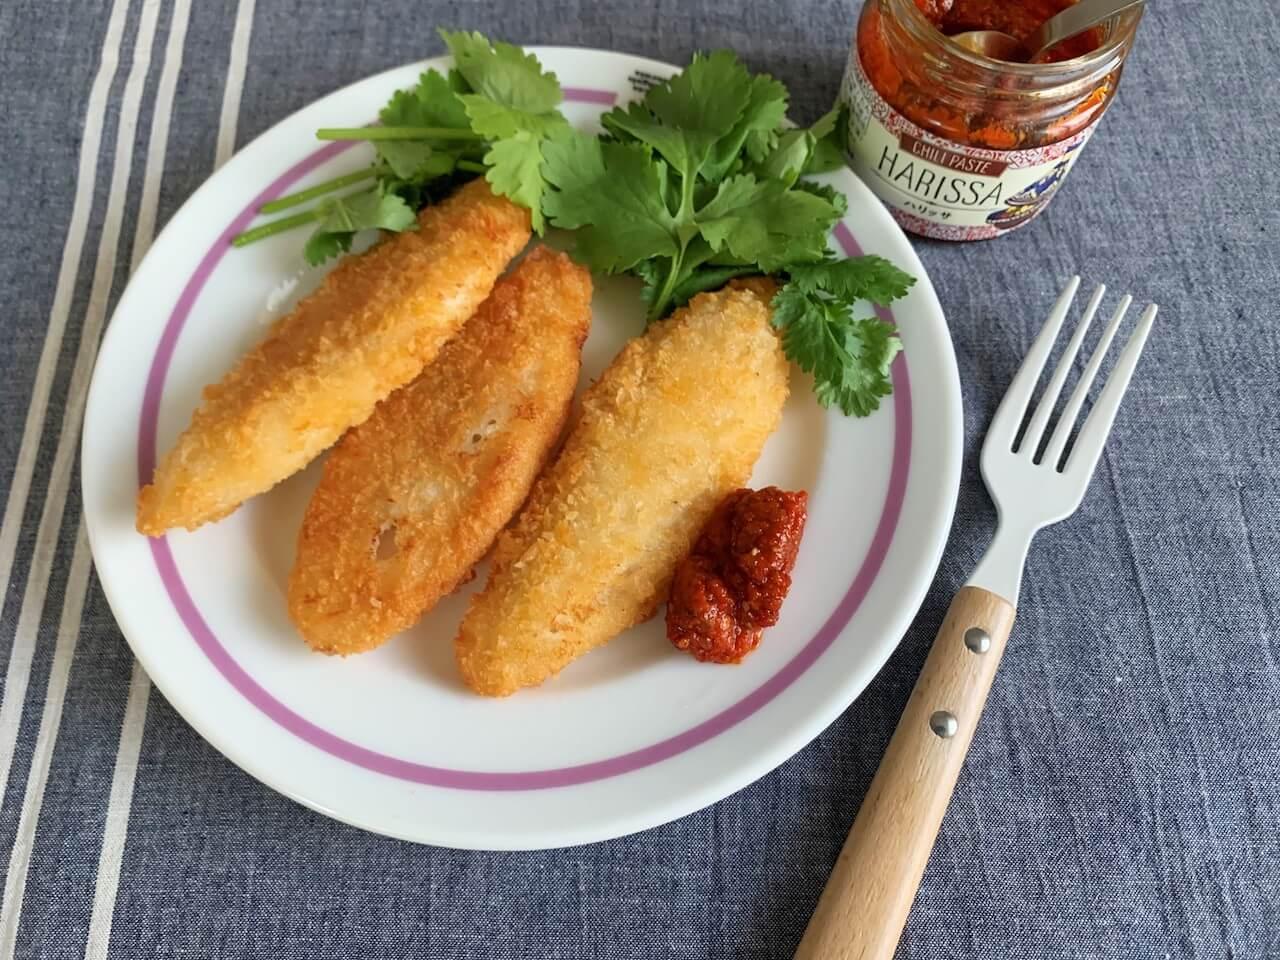 オリジナル ハリッサは白味魚のフライに添えて